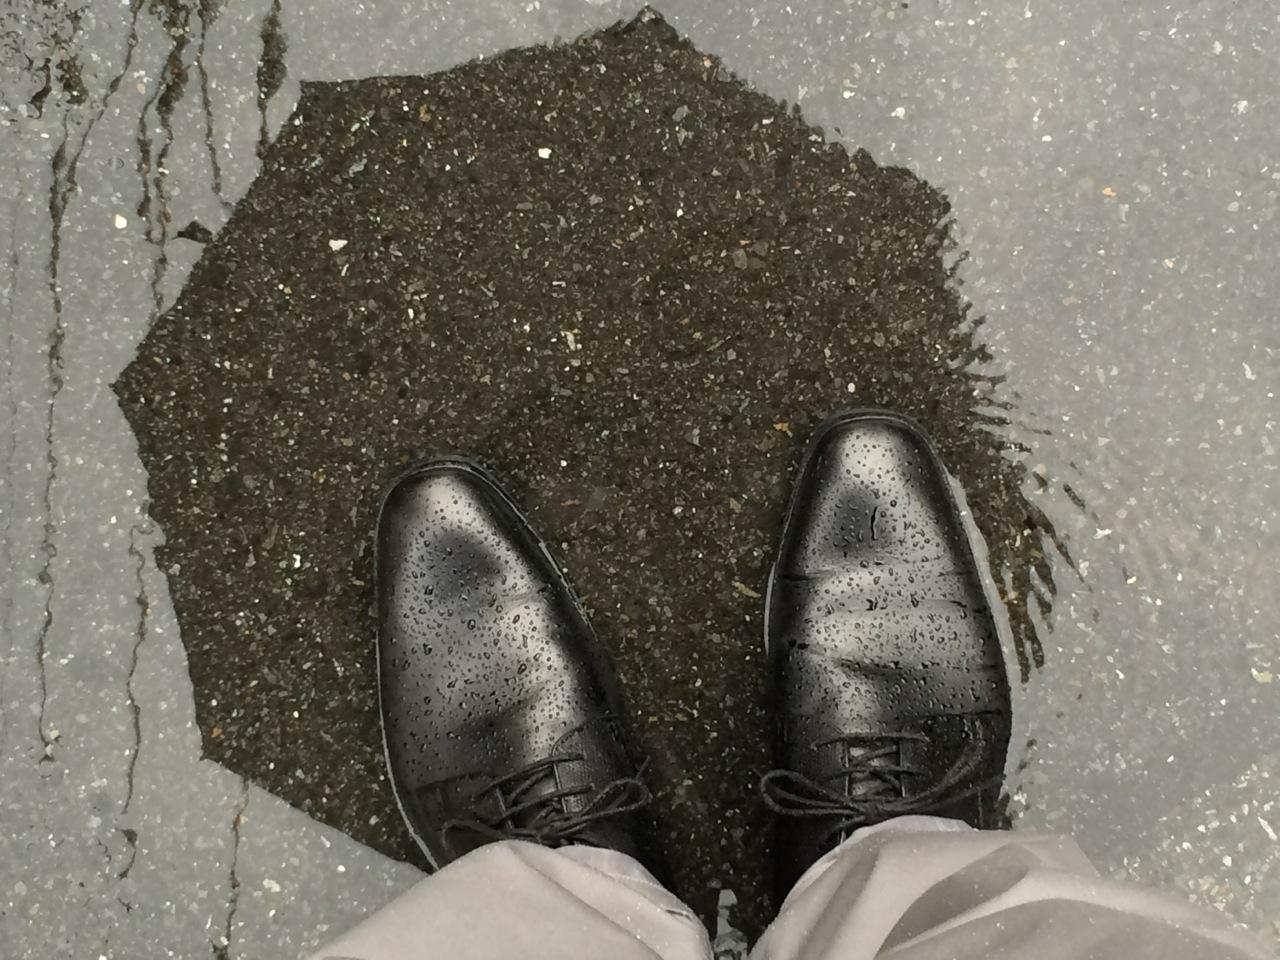 ジャケット着て雨の日に履く防水シューズ